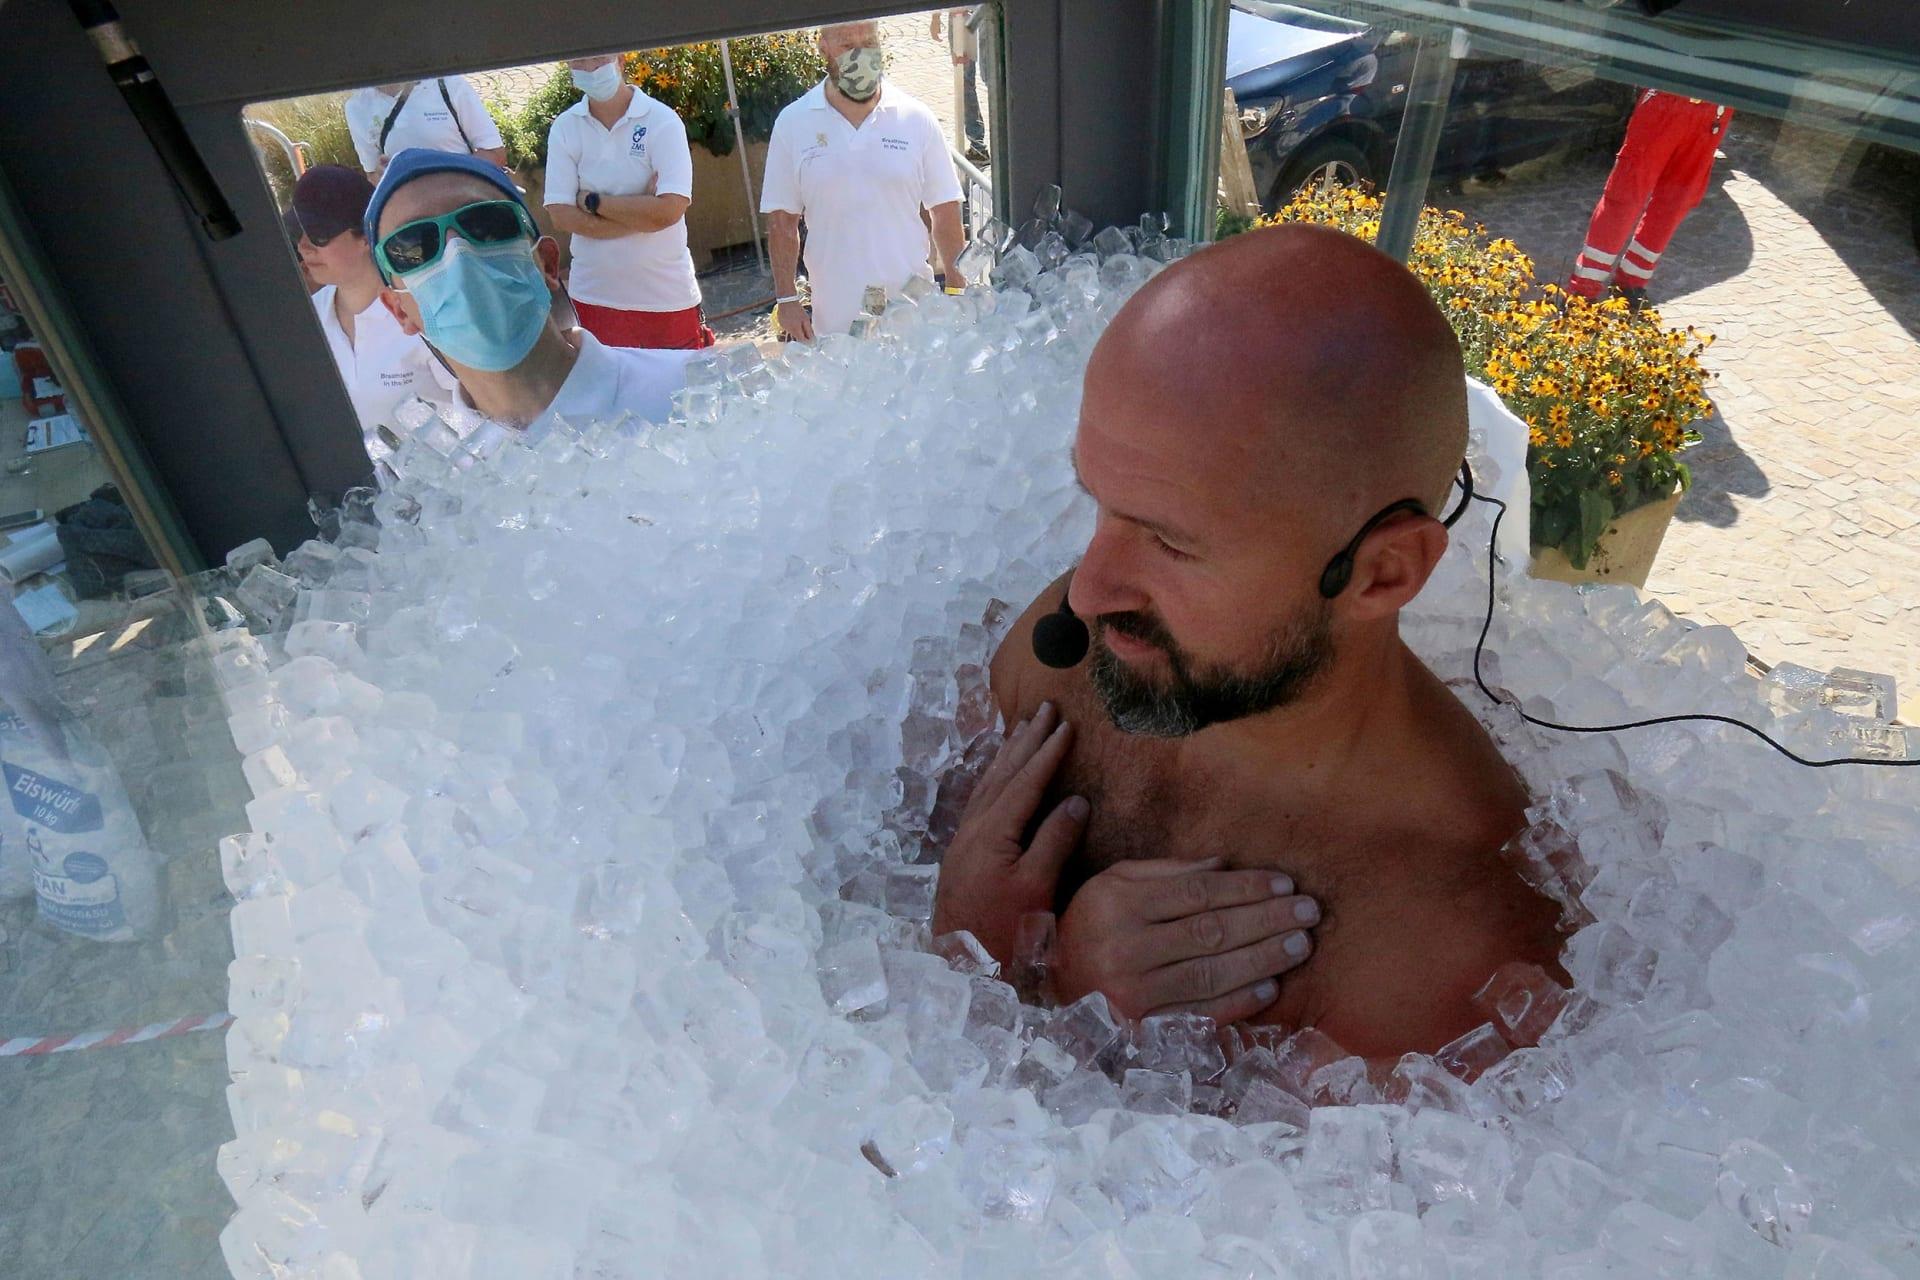 في محاولة لتسجيل رقم قياسي جديد.. نمساوي يقضي أكثر من ساعتين بحوض مليء بالثلج